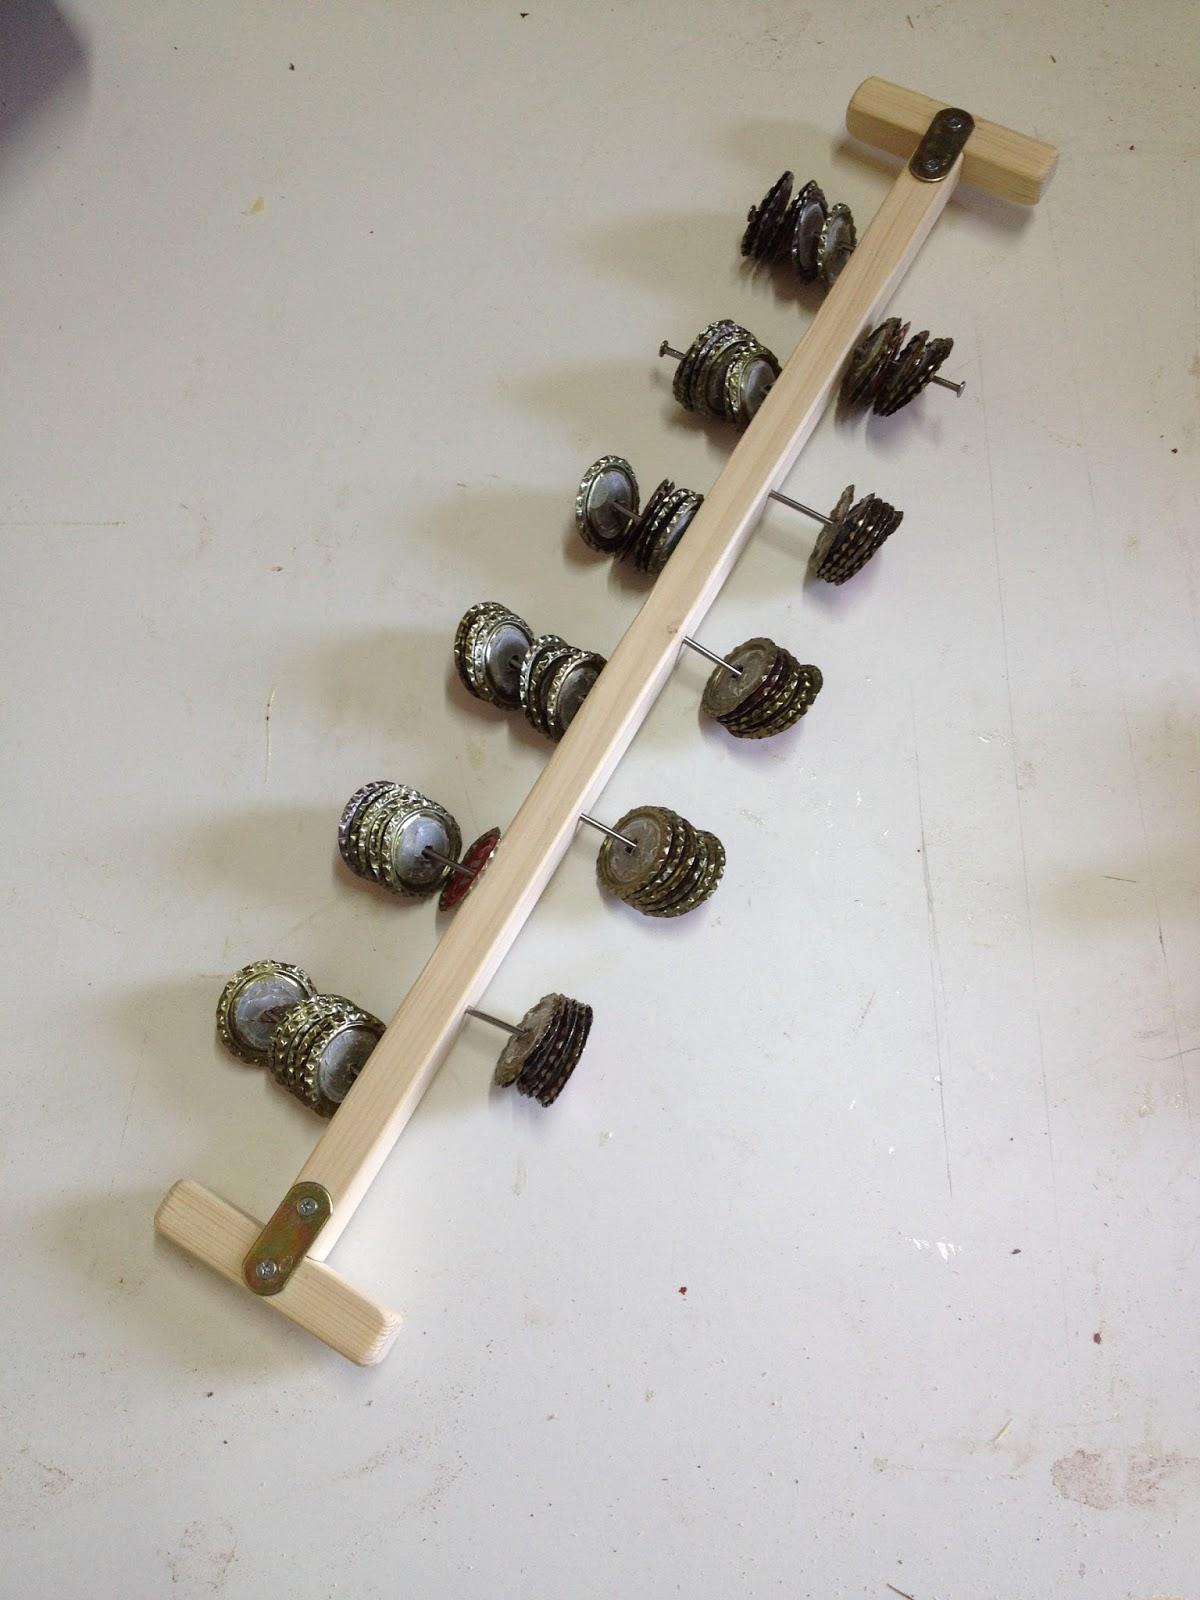 Mi instrumento para quien le guste - 3 2